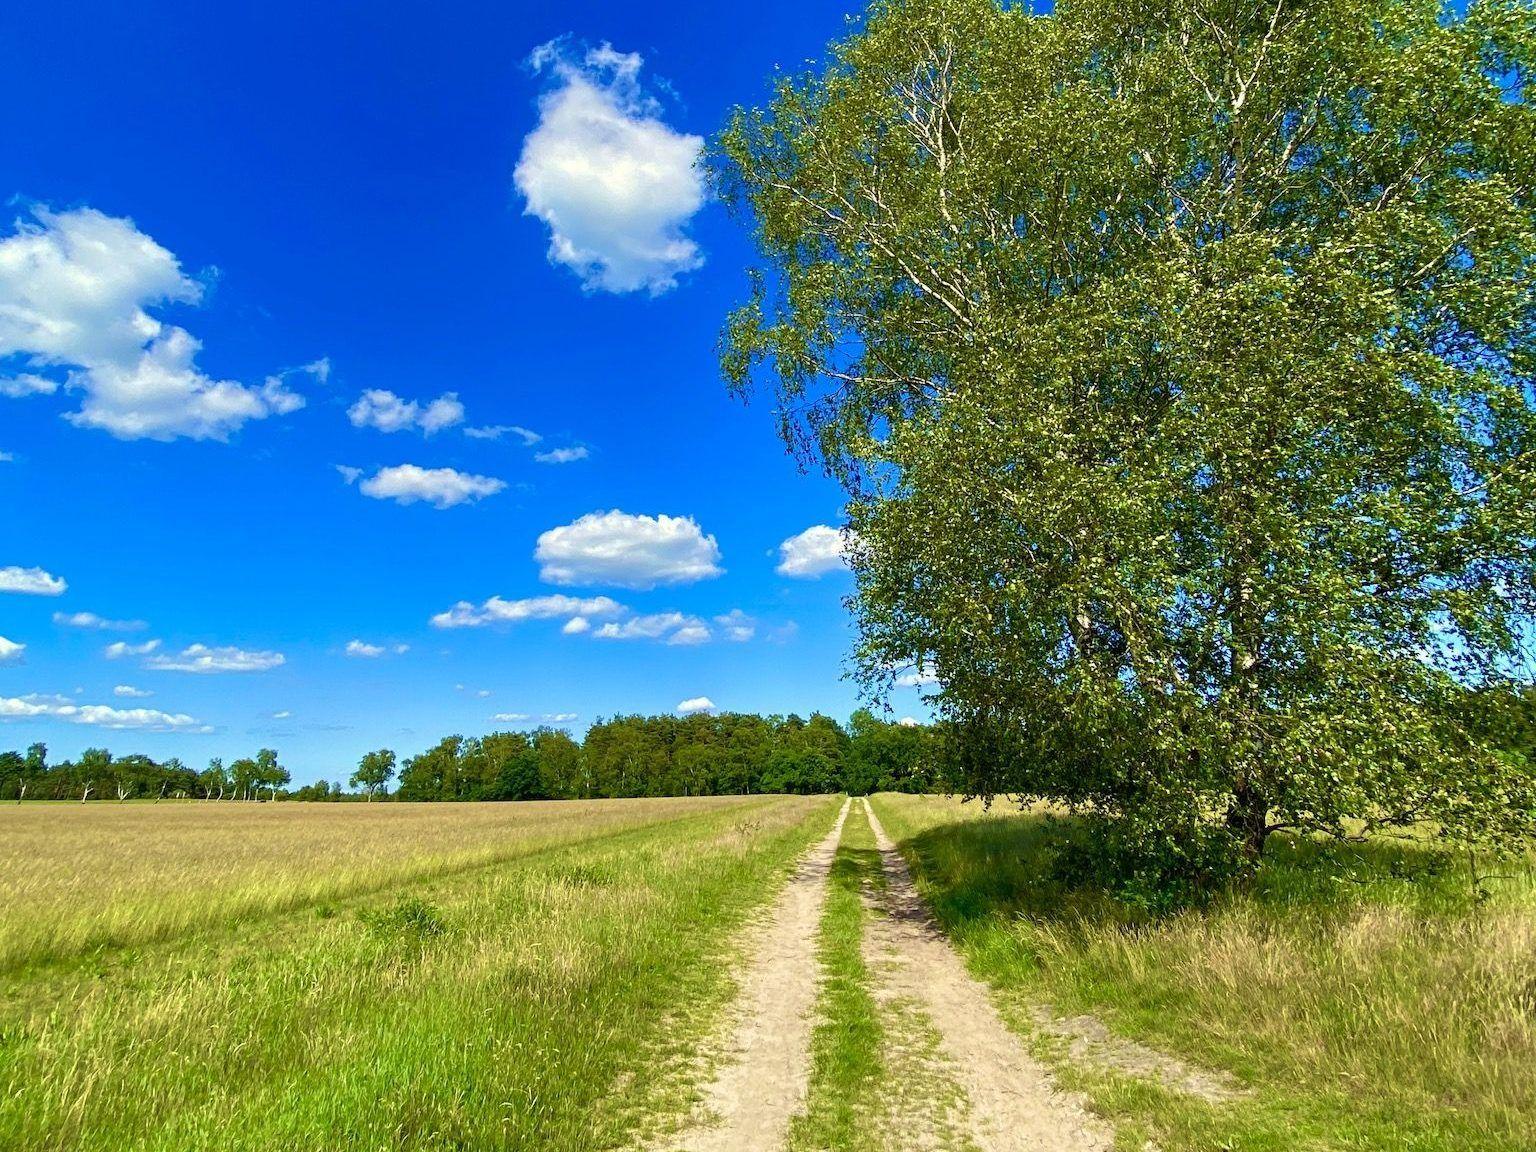 Natur pur: Bei einem Kurzurlaub in der Lüneburger Heide kannst Du wandern, joggen und auf Entdeckungstour gehen. Foto: Sascha Tegtmeyer